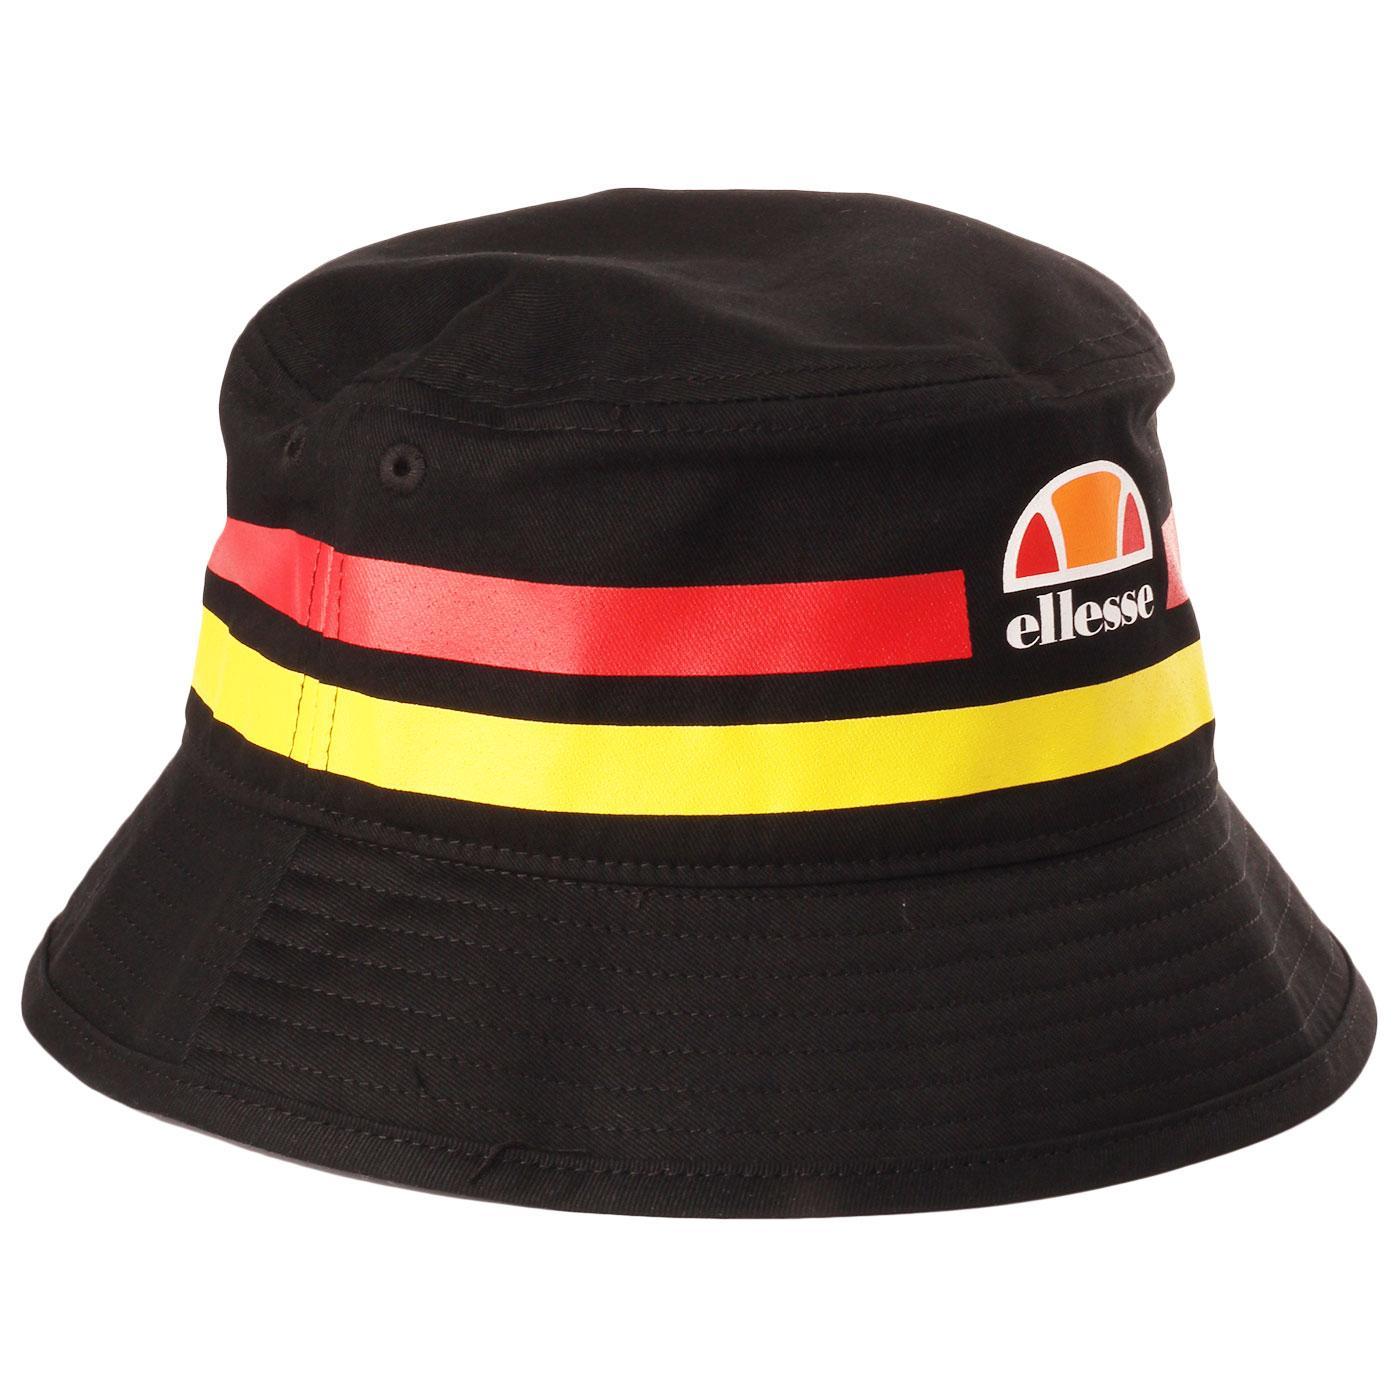 Lanori ELLESSE Retro 90s Bucket Hat (Germany)